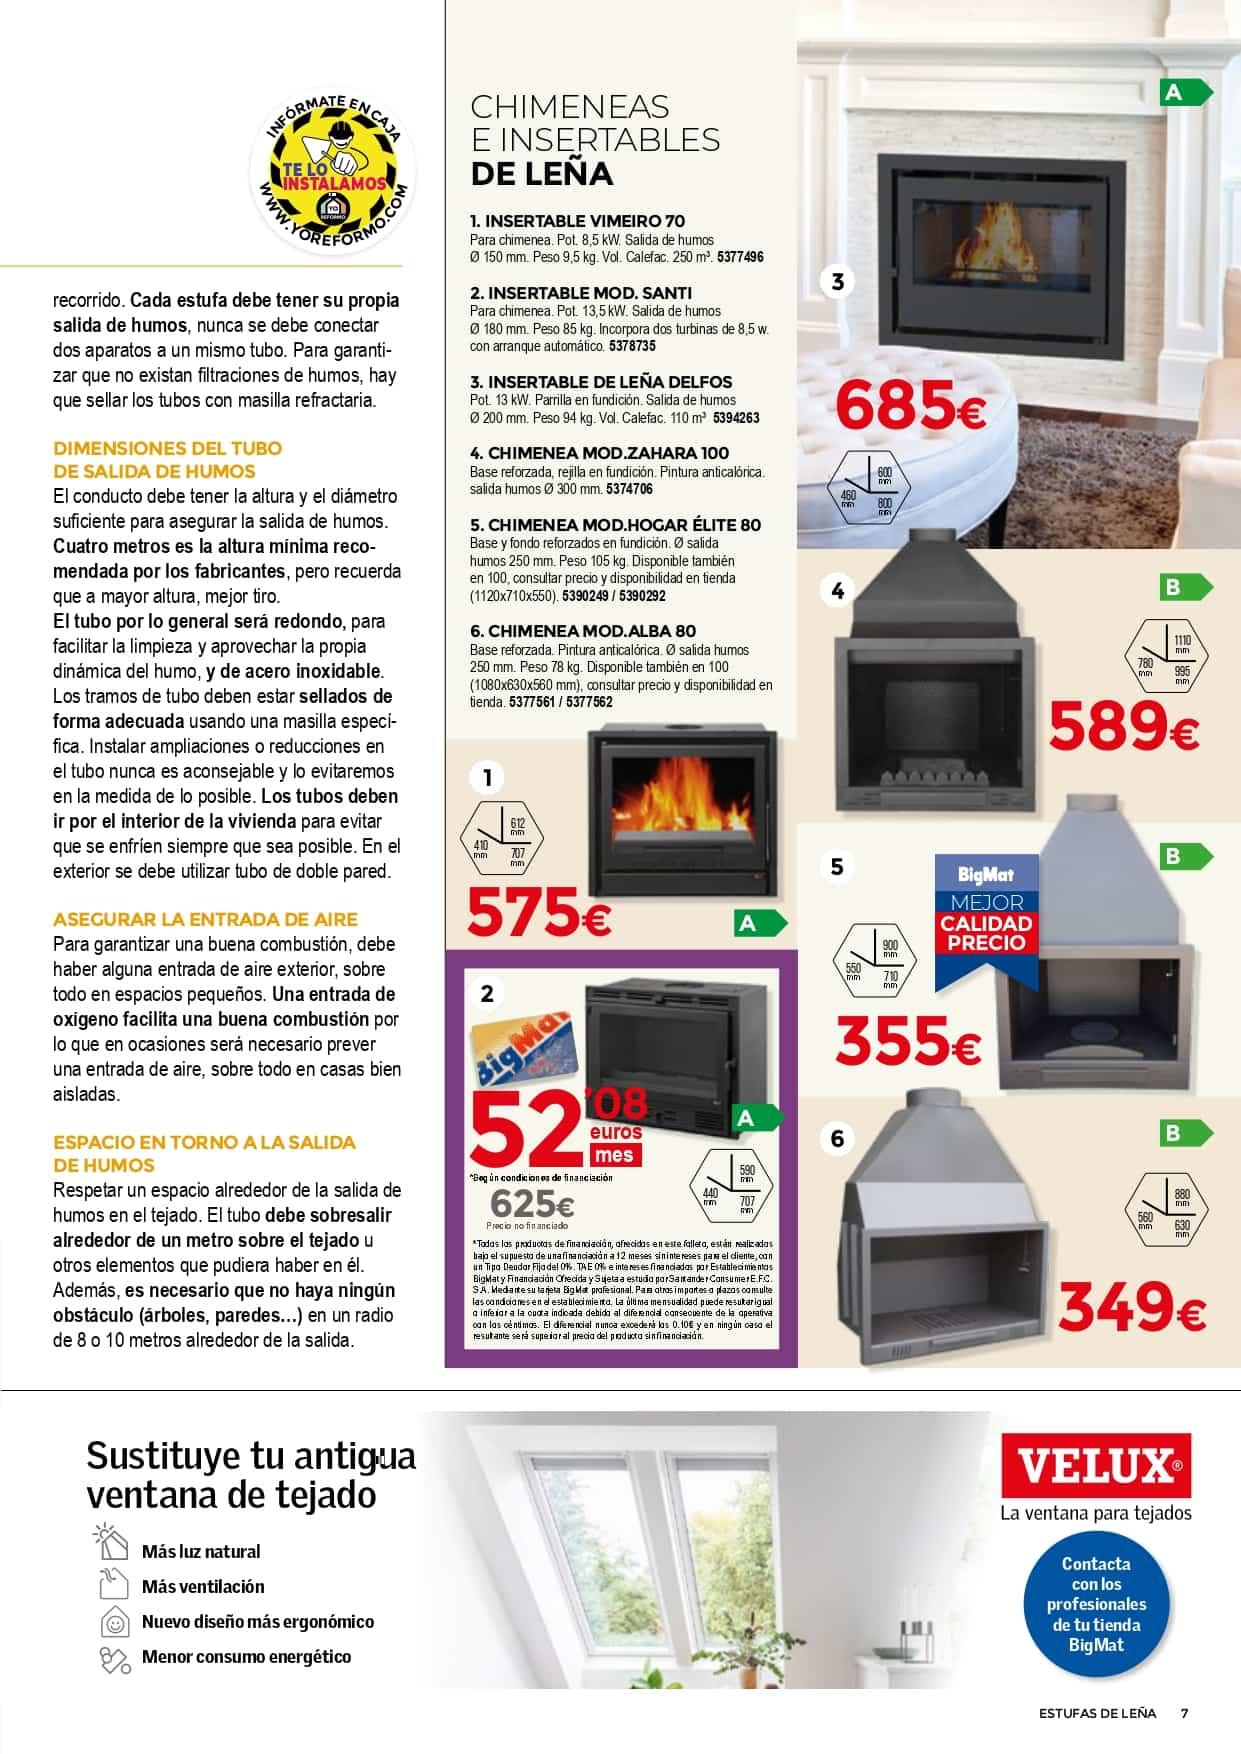 Ideas para elegir el termostato más adecuado para mi hogar 39